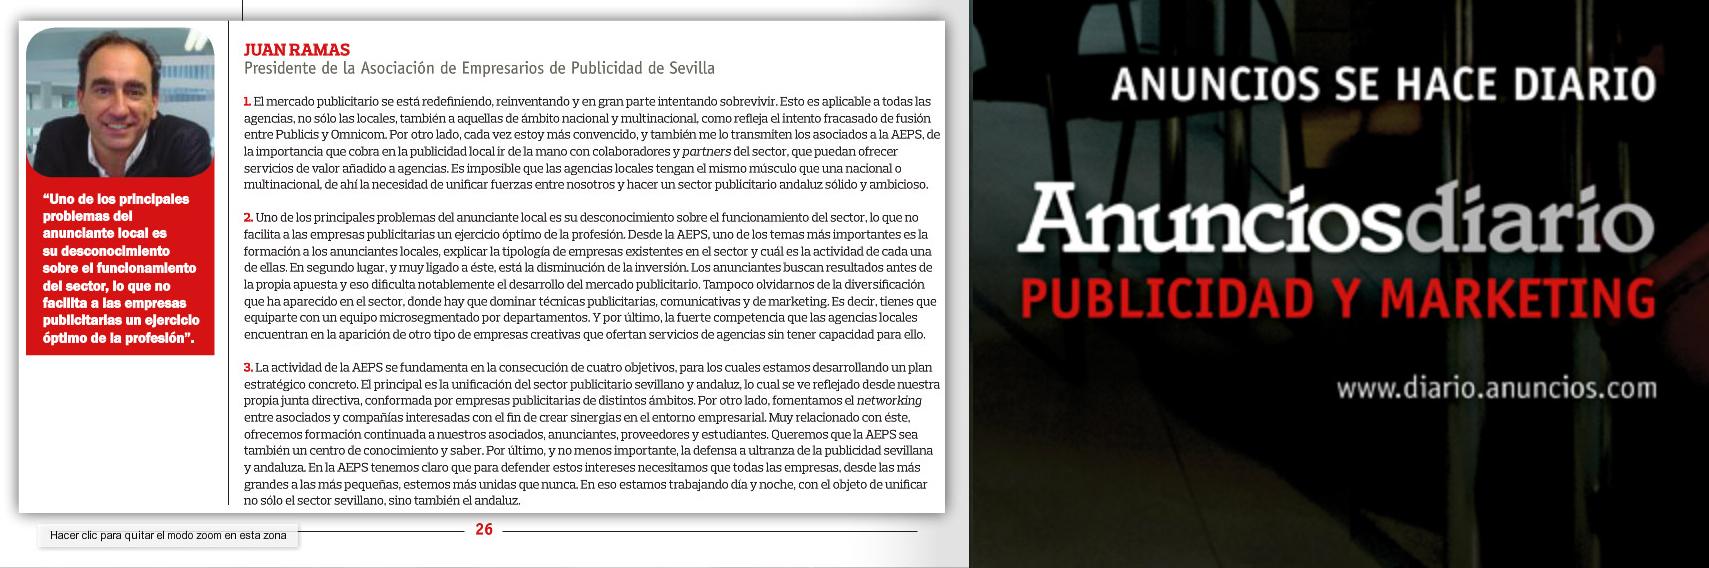 Anuncios_Juan_Ramas_001